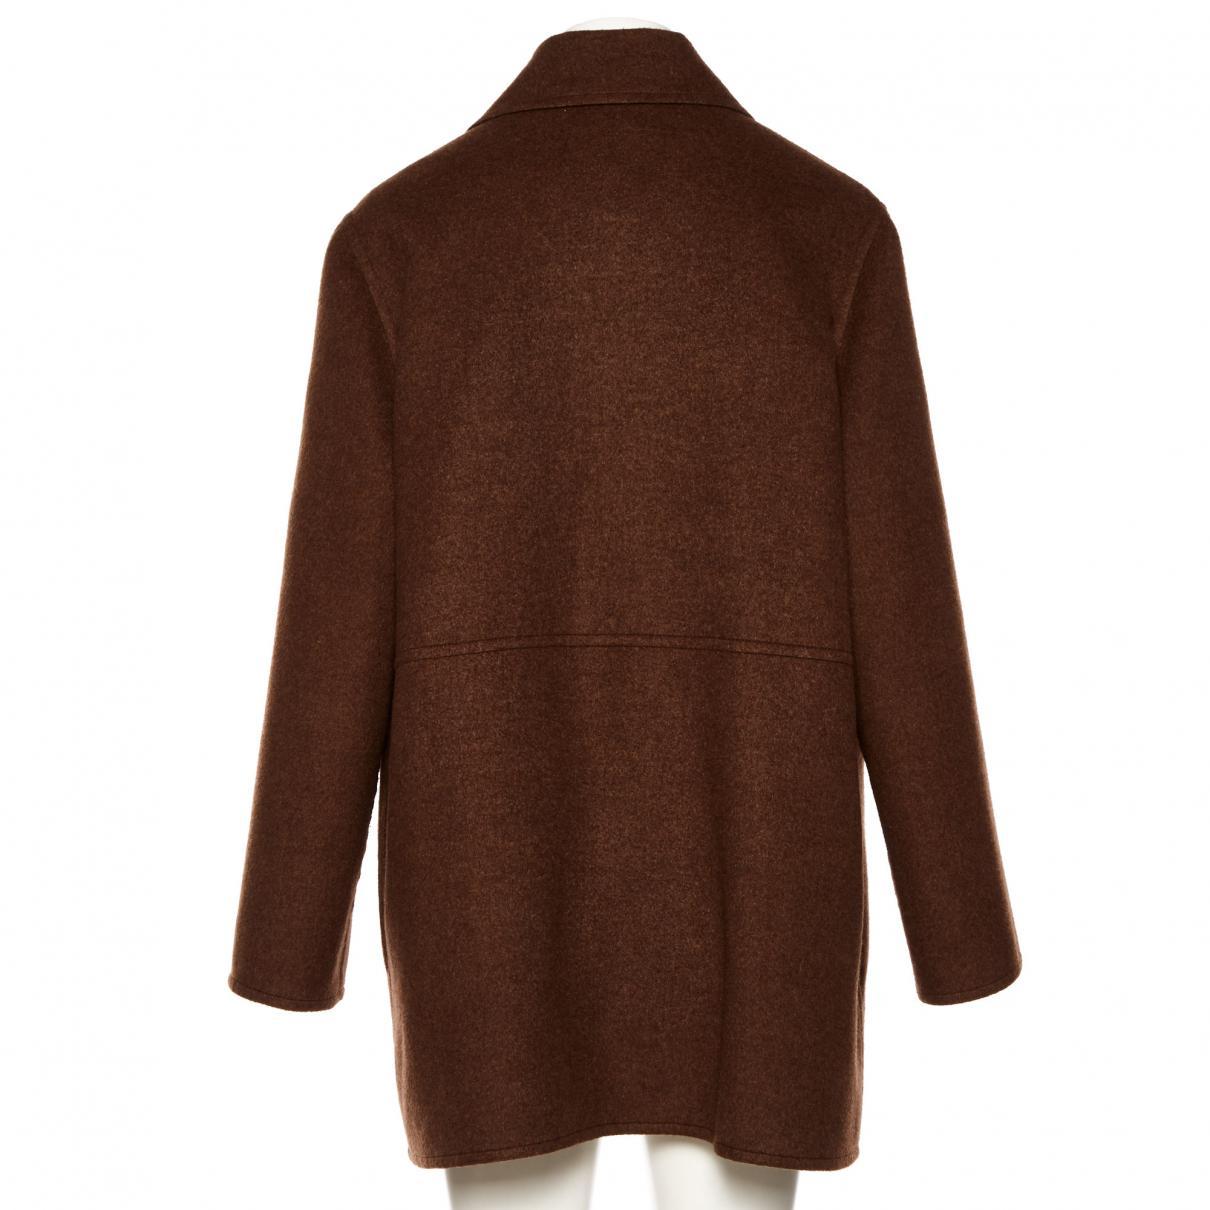 Manteau en cachemire Cachemire Hermès en coloris Marron Yp342